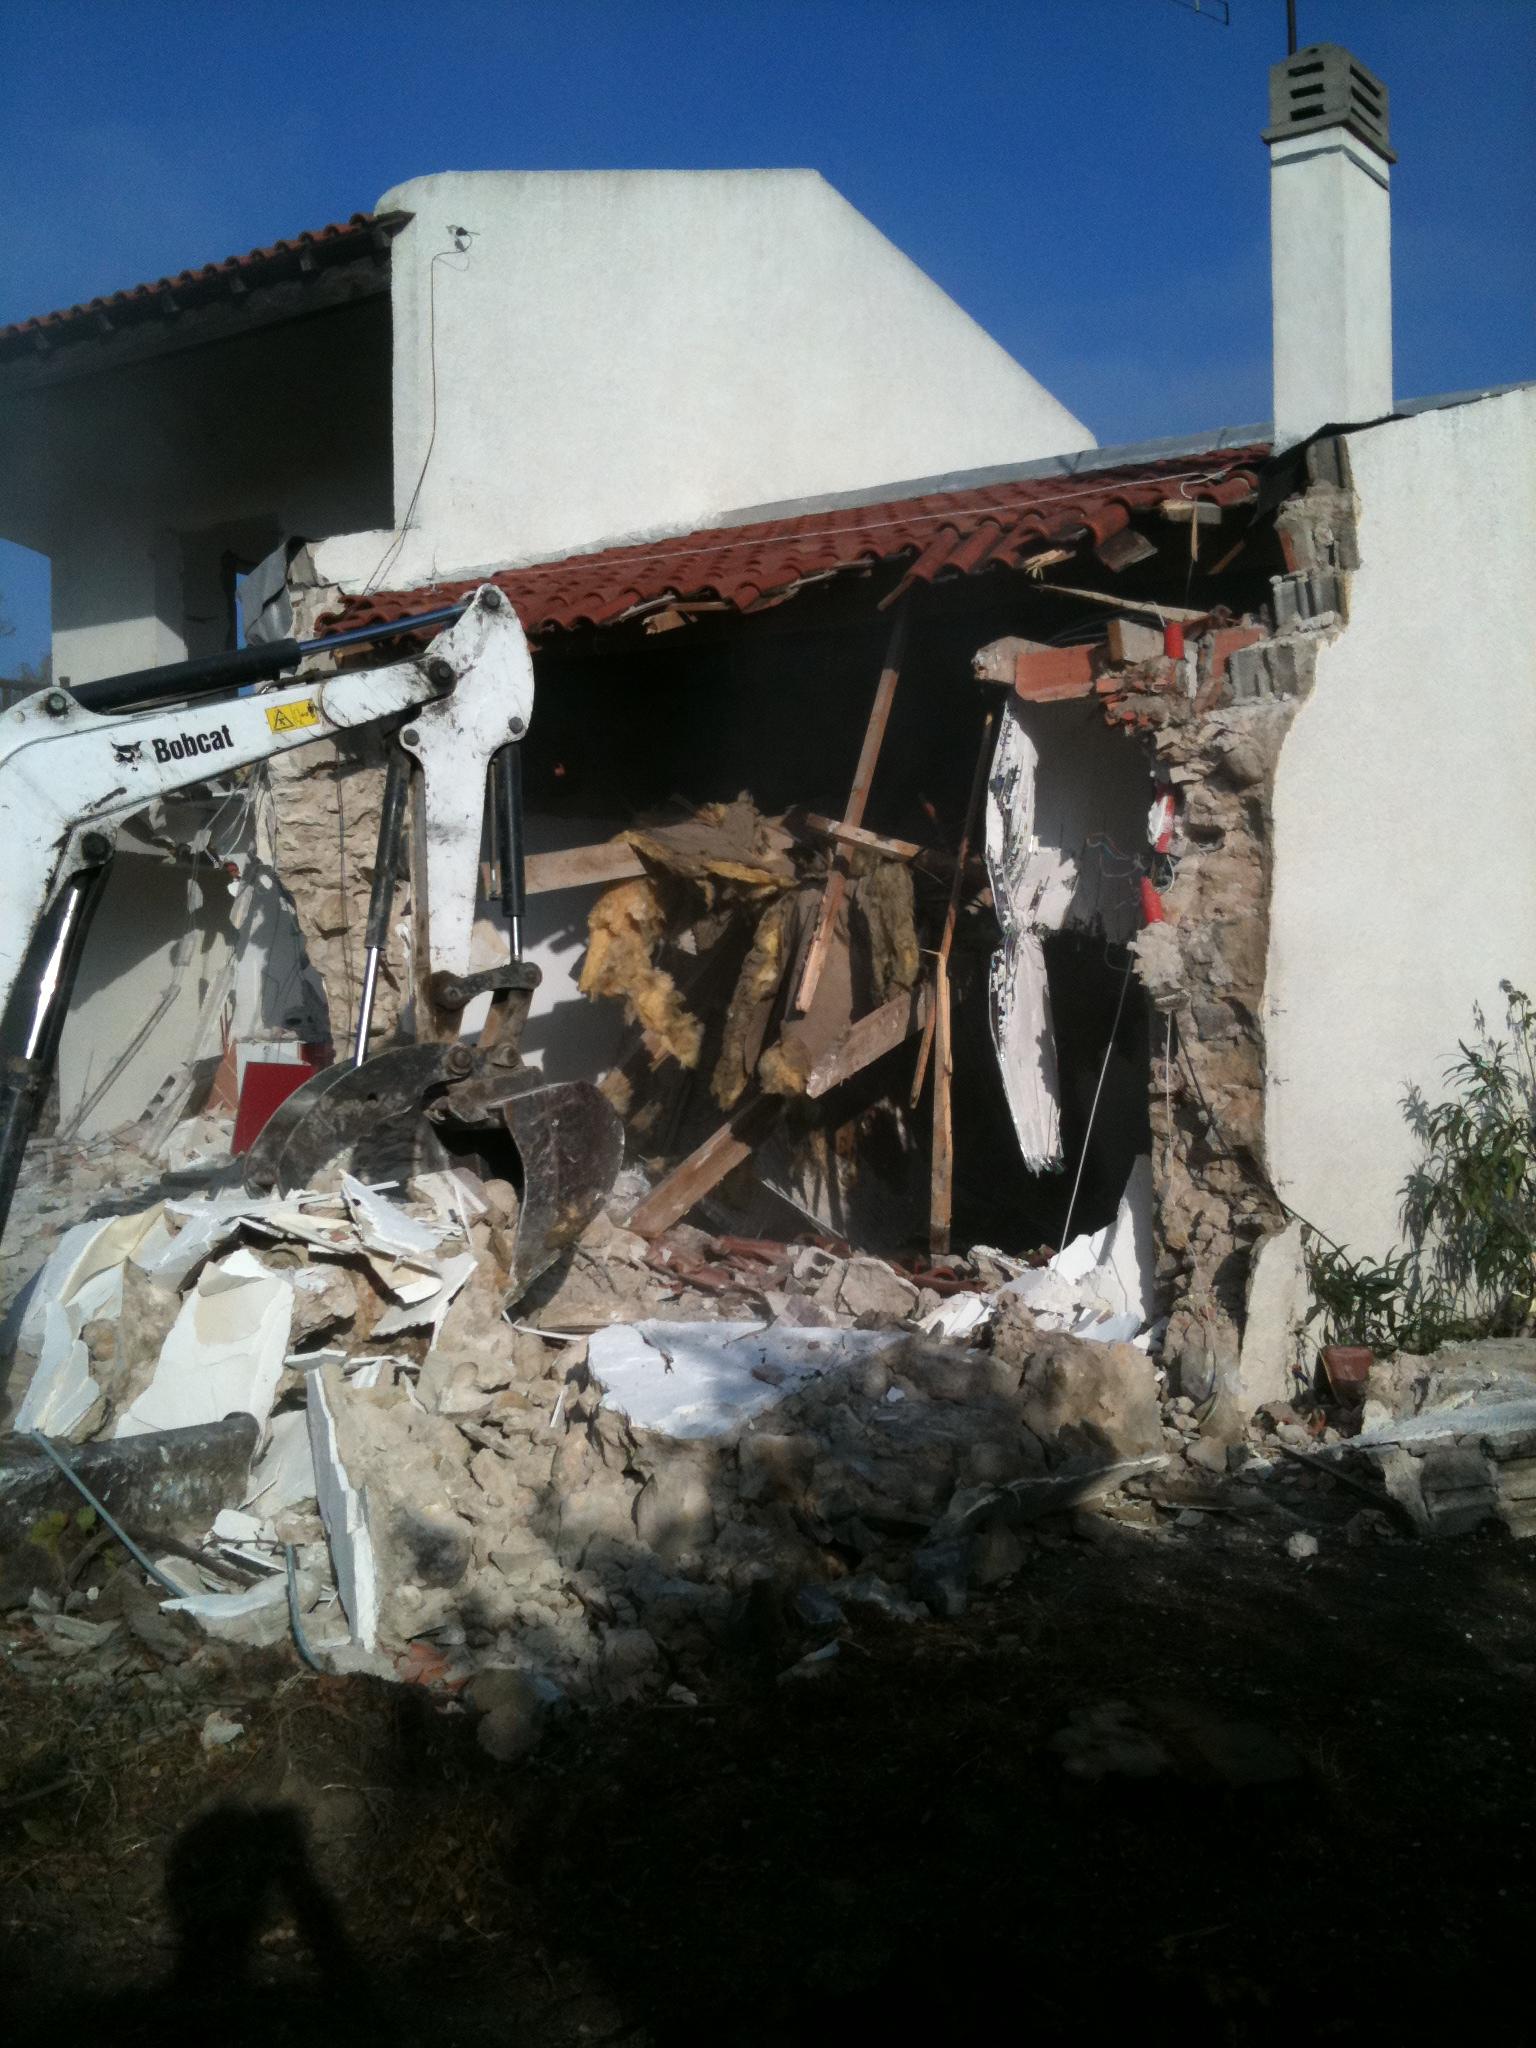 D molition maison bois c t sud - Cout de demolition maison ...